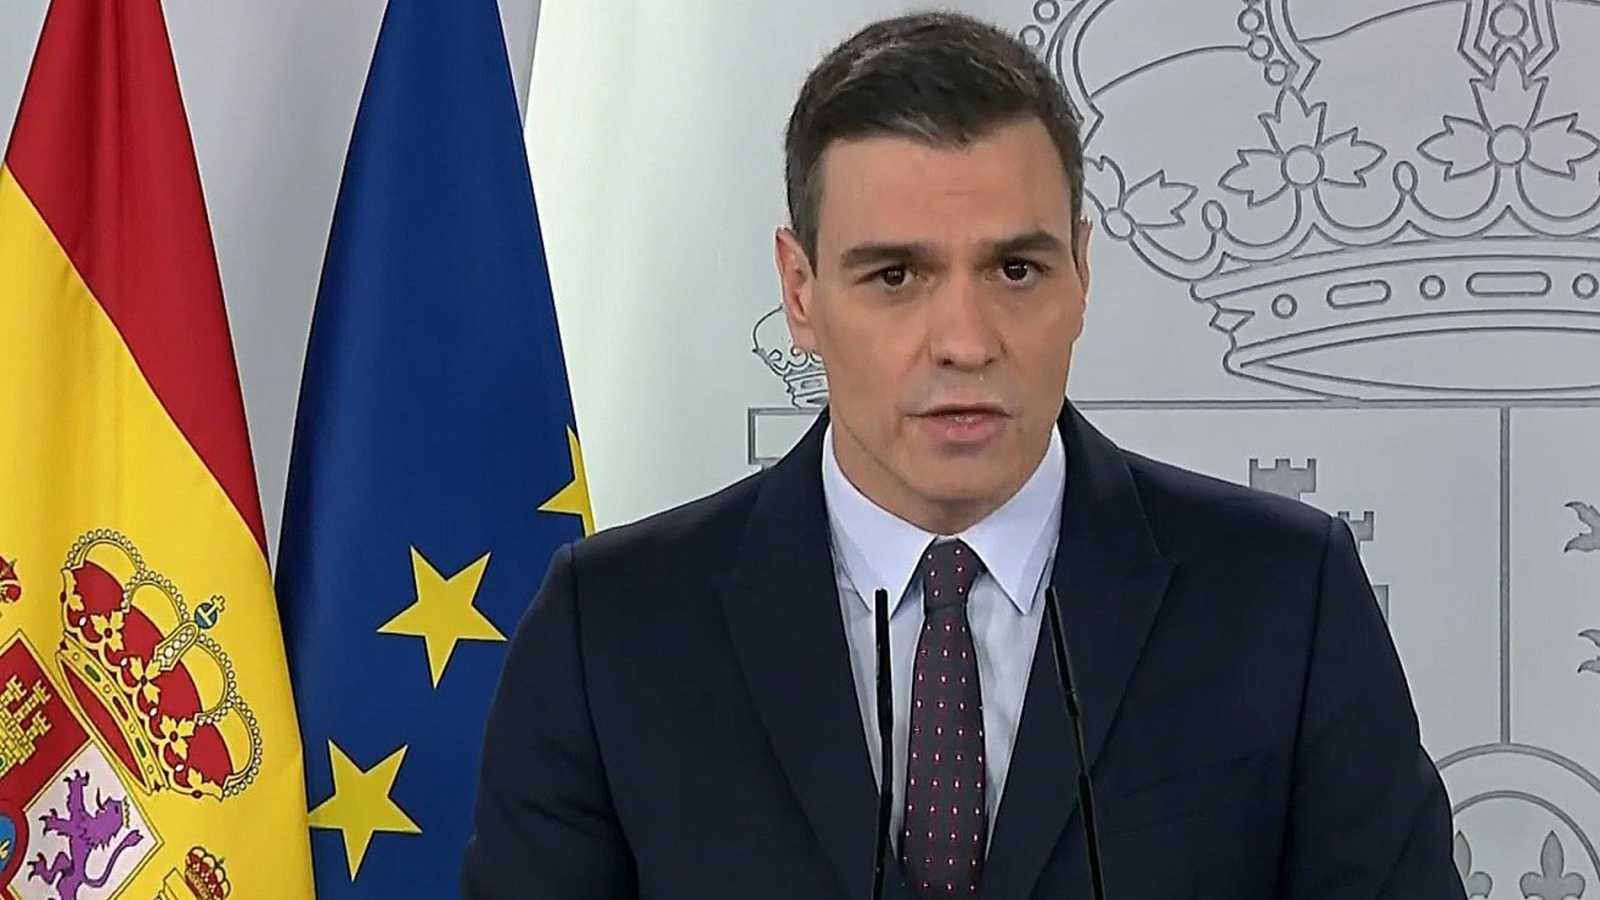 Sánchez propondrá cuatro puntos para la reconstrucción: sistema sanitario, tejido empresarial, protección social y UE